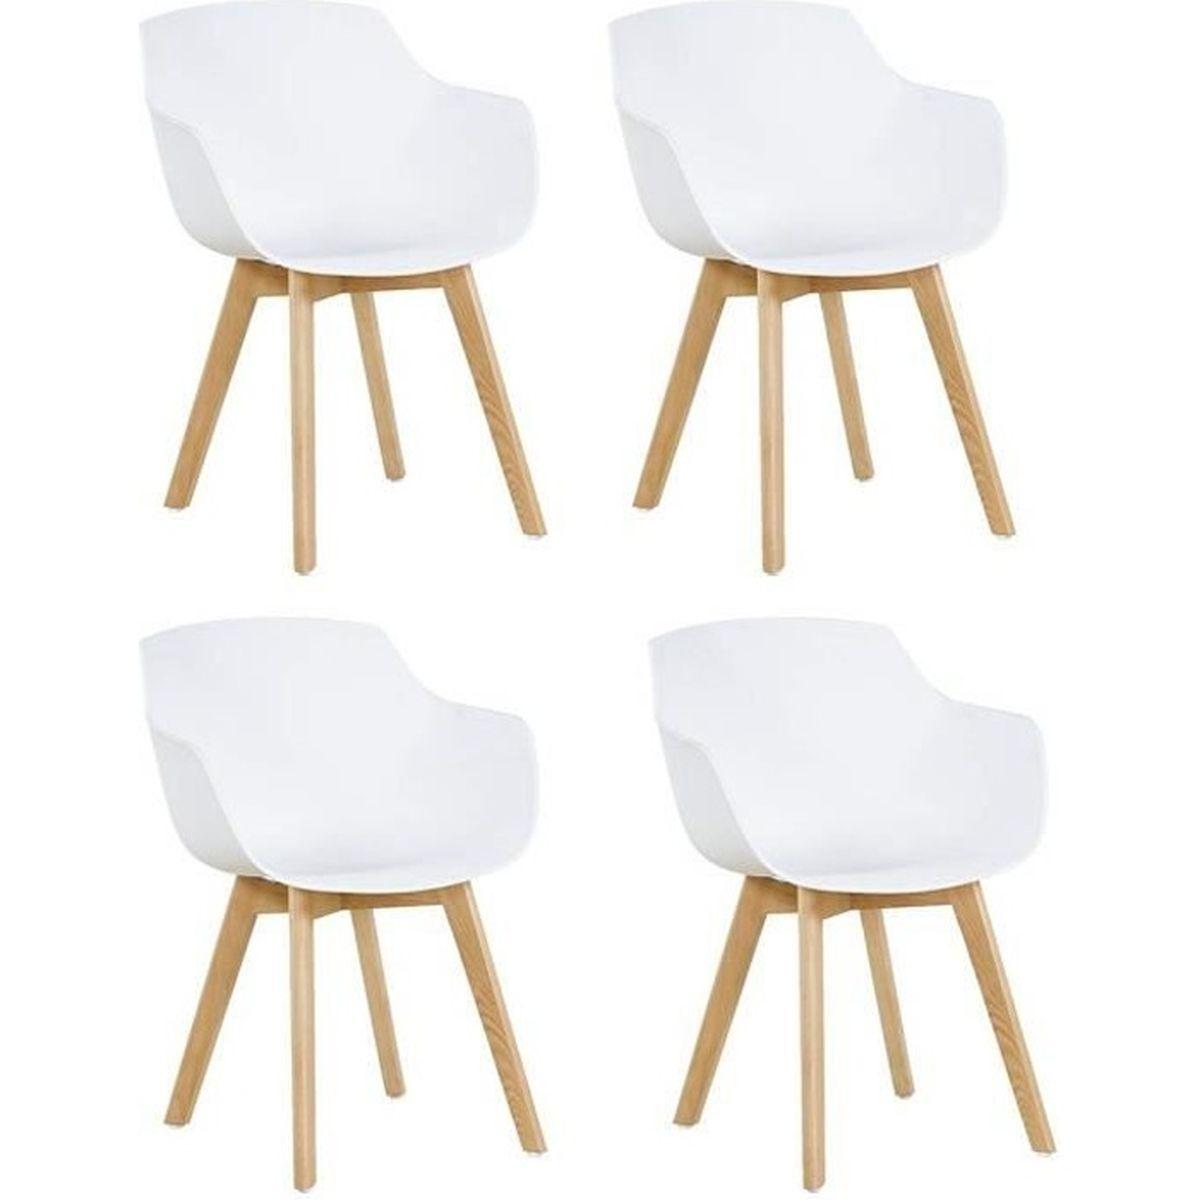 Comment Nettoyer Des Chaises En Plastique Blanc chaise fauteuil blanc salle a manger